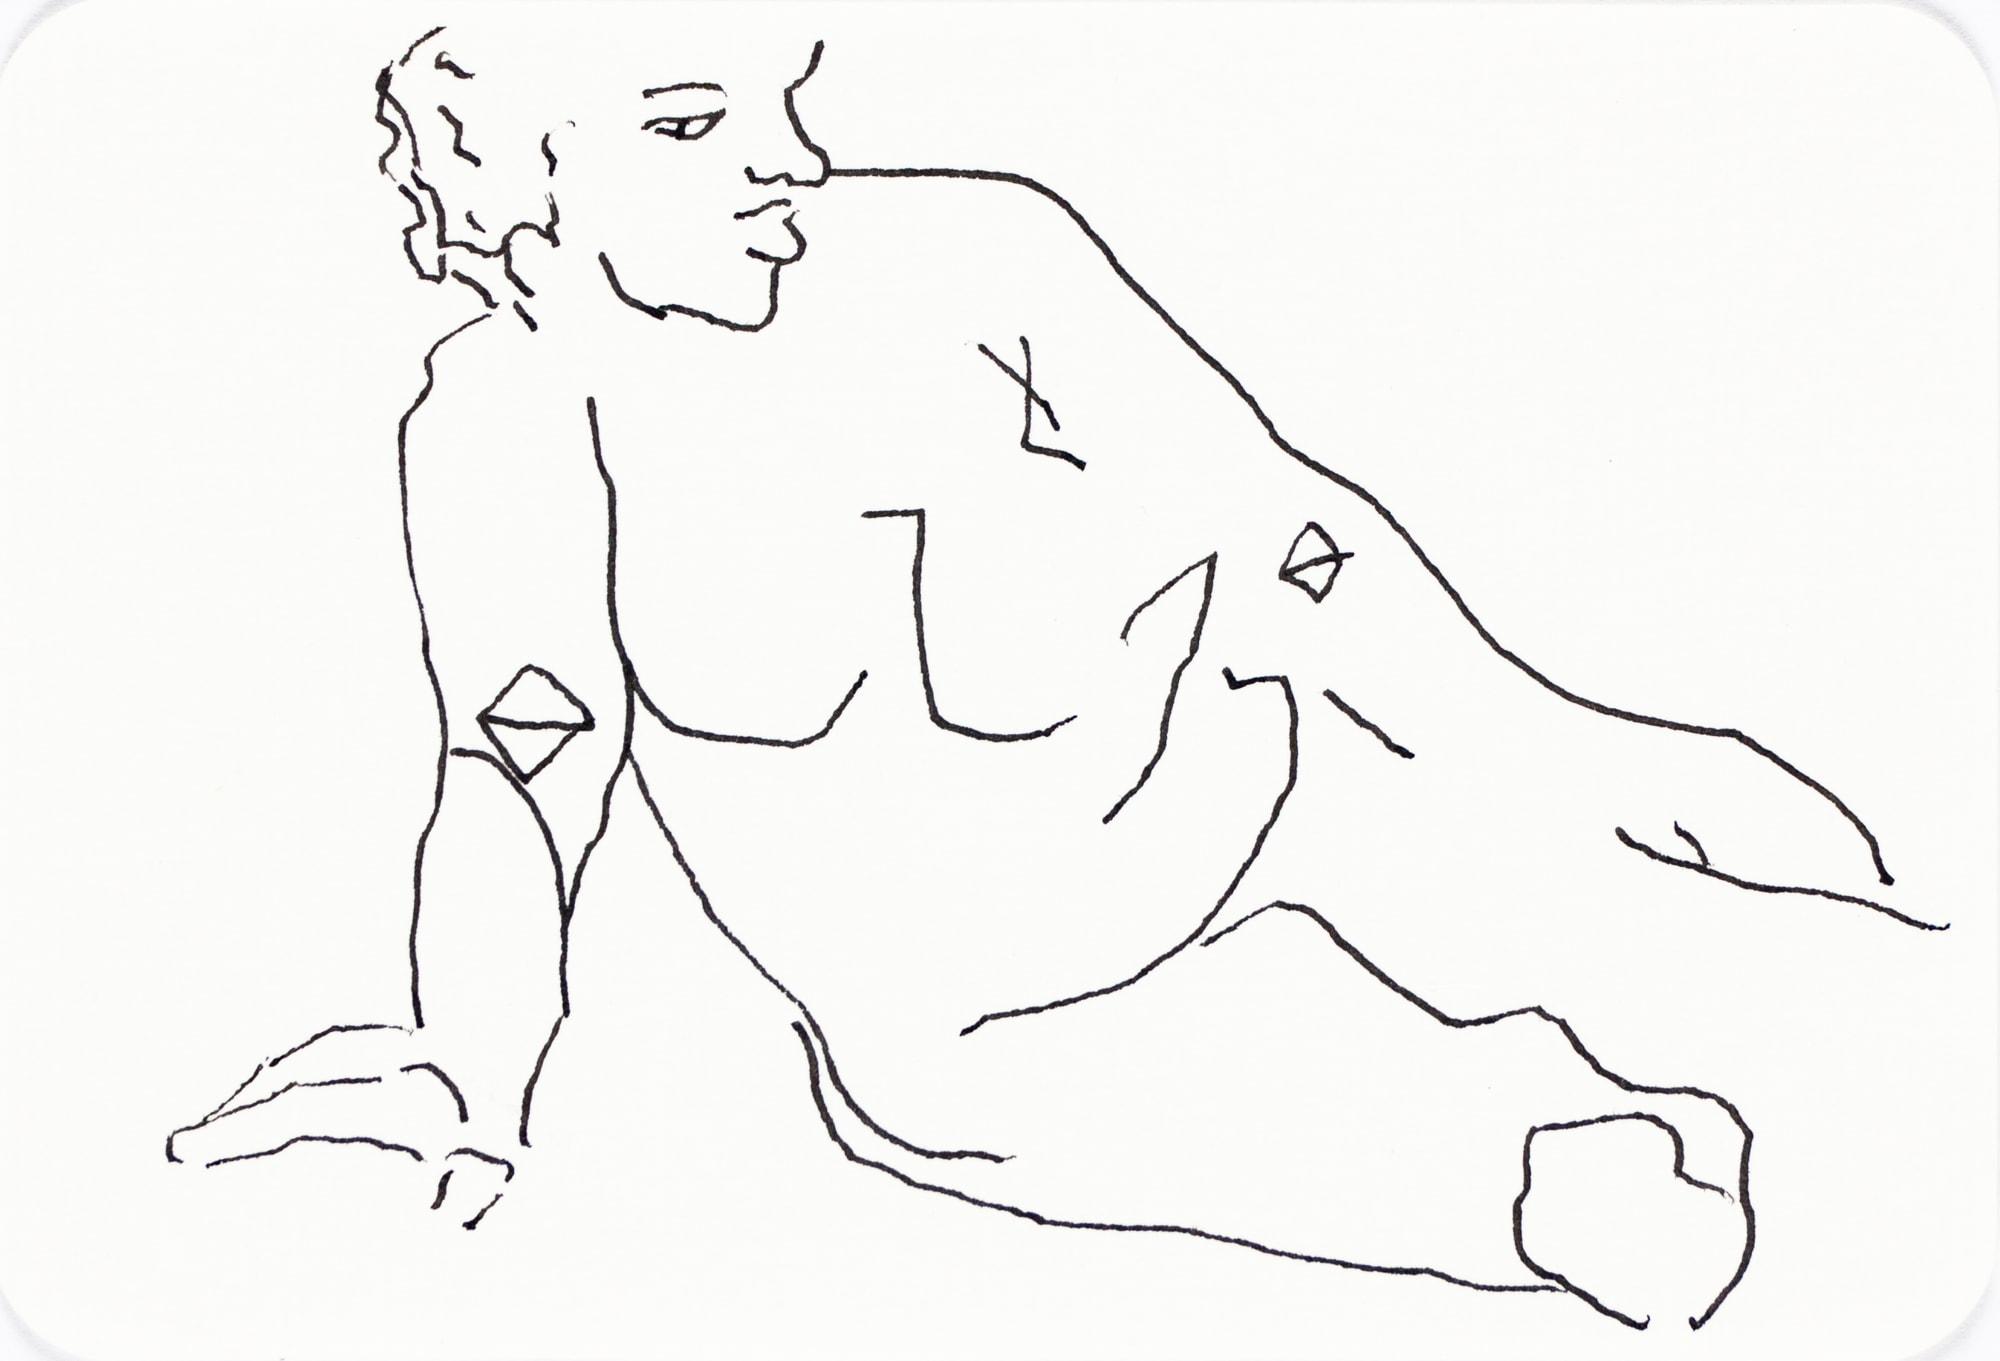 Zeichnung, Tusche auf Postkarte, 15,3x10,4cm, Akt, Künstlerin: Franziska King